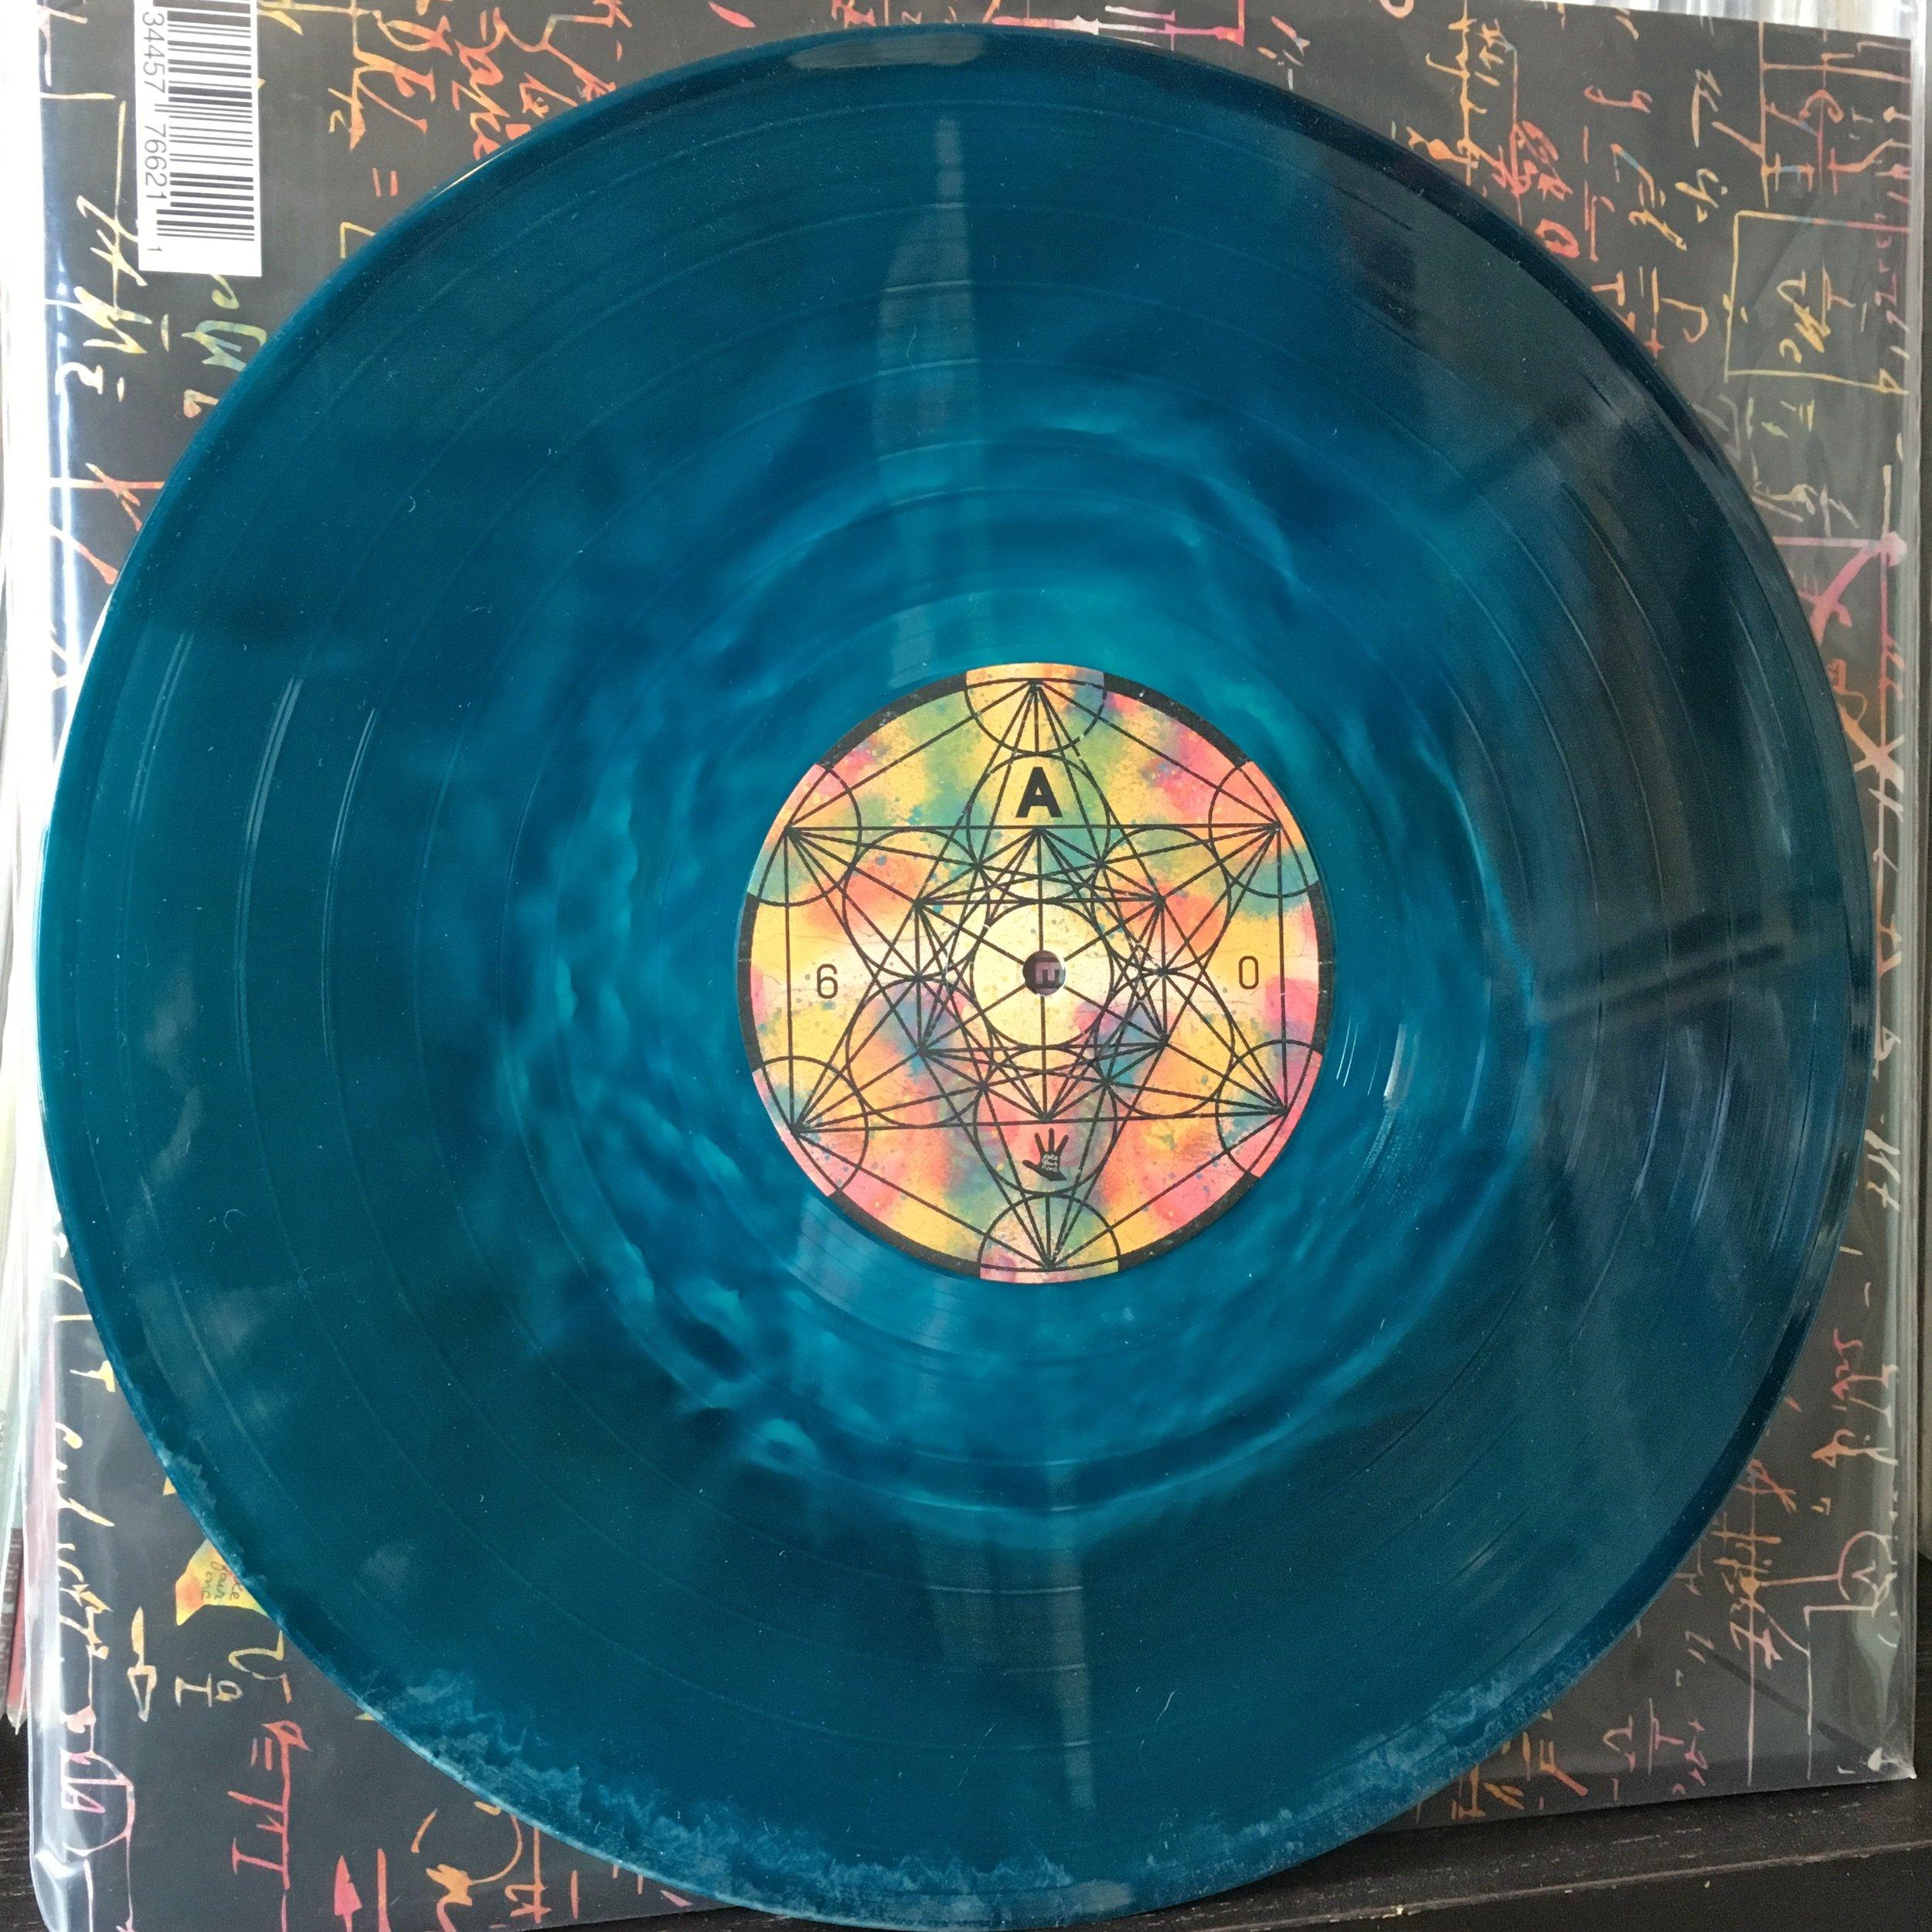 tOoFW_vinyl3.jpg